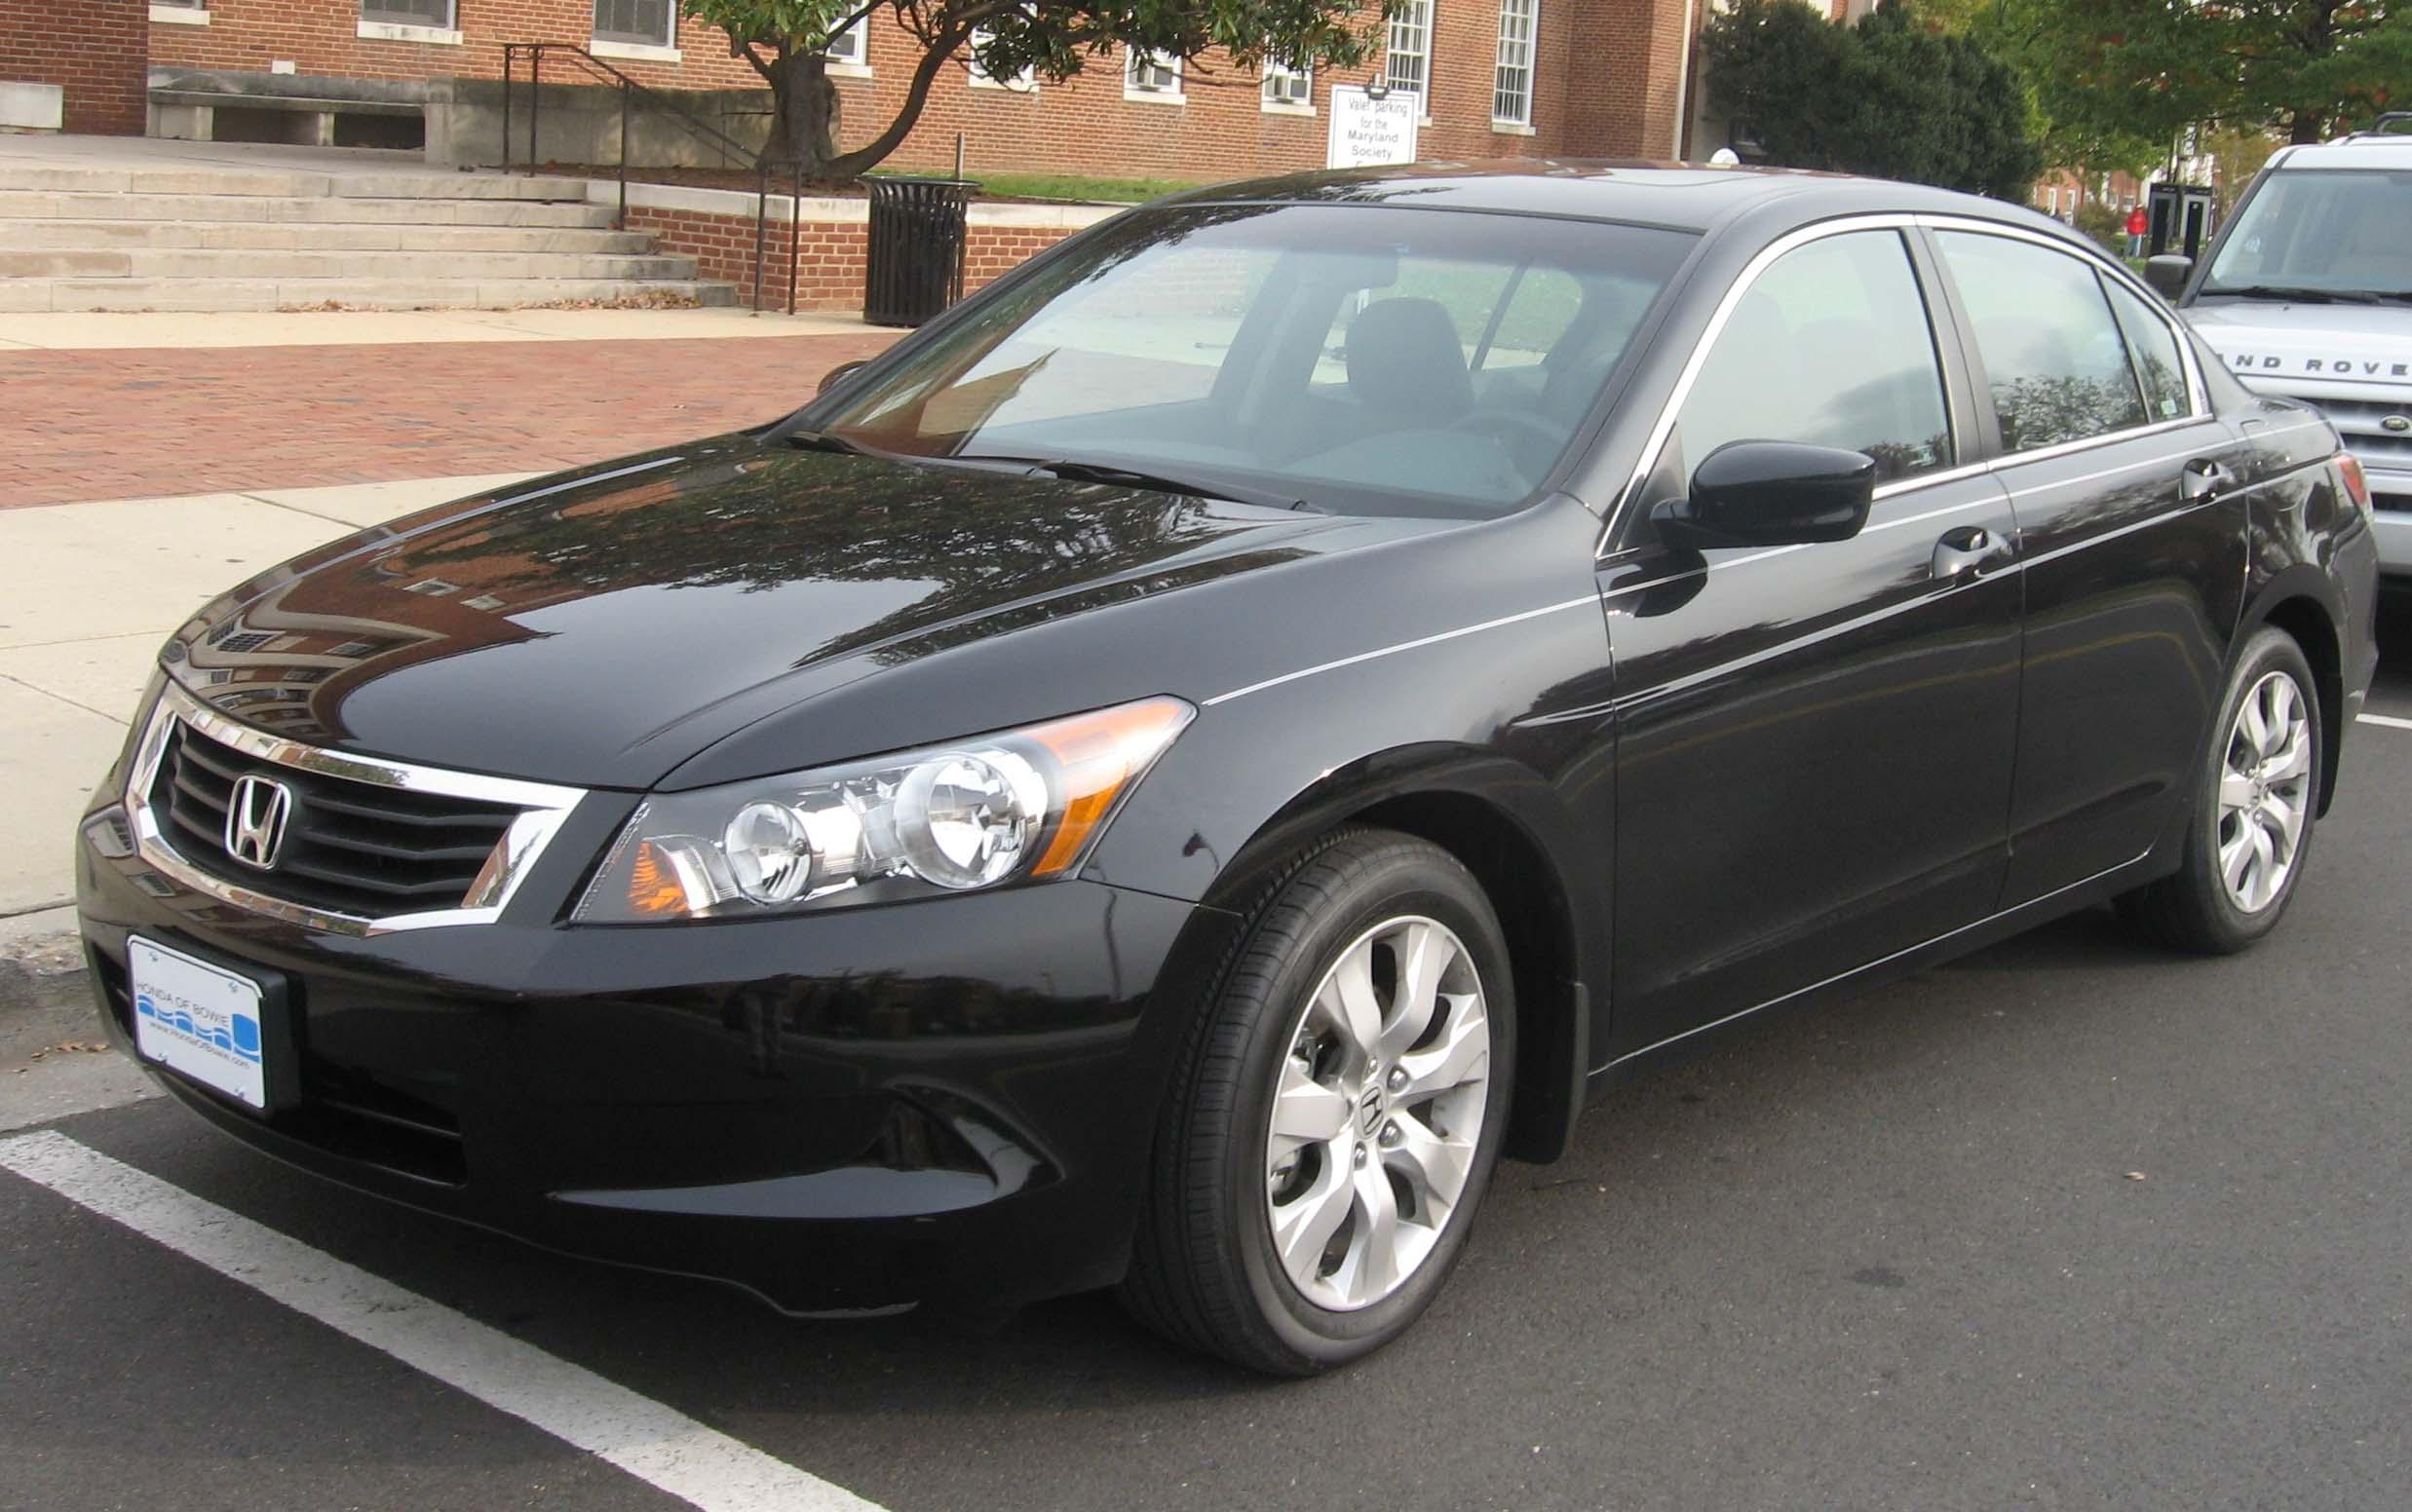 2007 Honda Accord Image 11